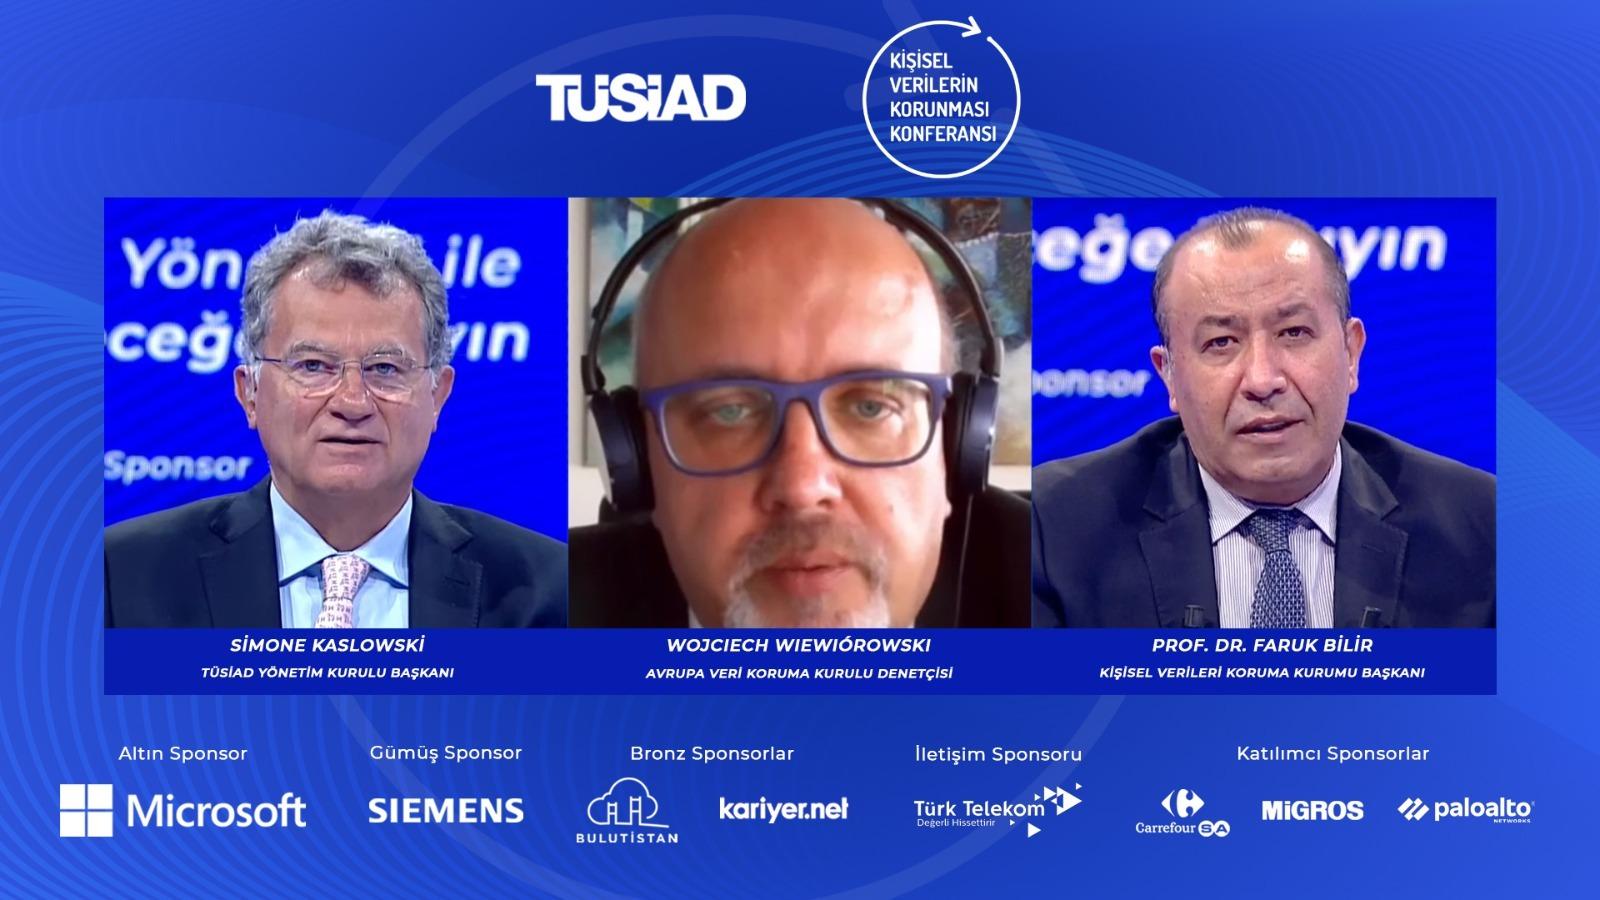 """""""Kişisel Verilerin Korunması Konferansı"""" yapıldı"""